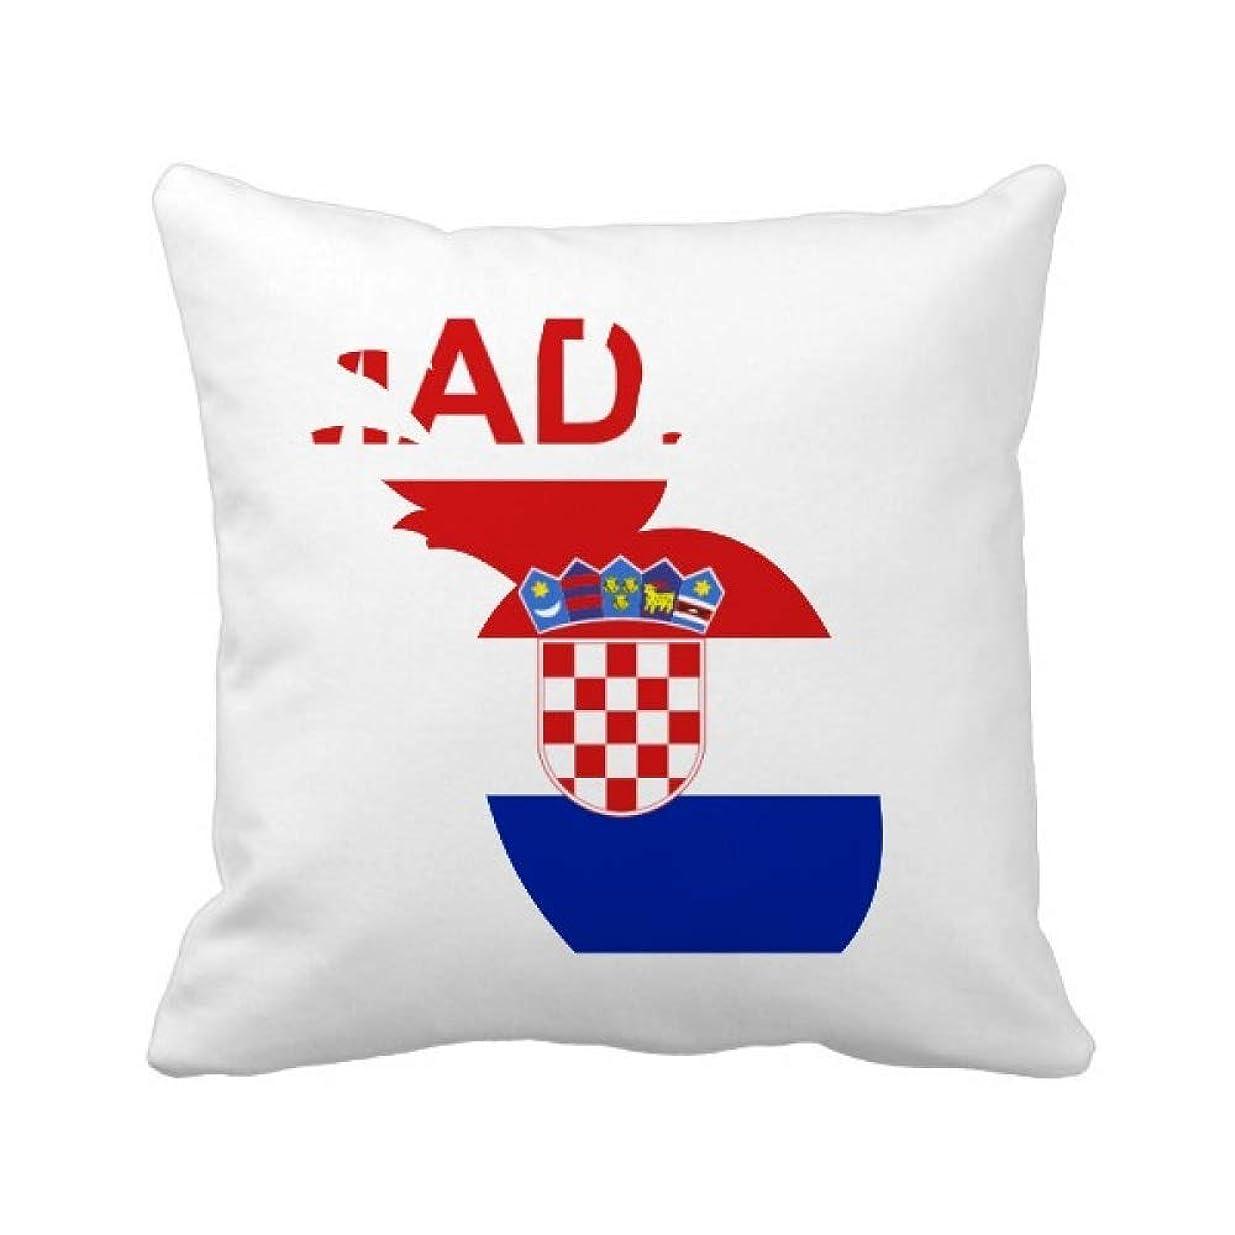 法廷イベント発言するクロアチアの国が好きで パイナップル枕カバー正方形を投げる 50cm x 50cm